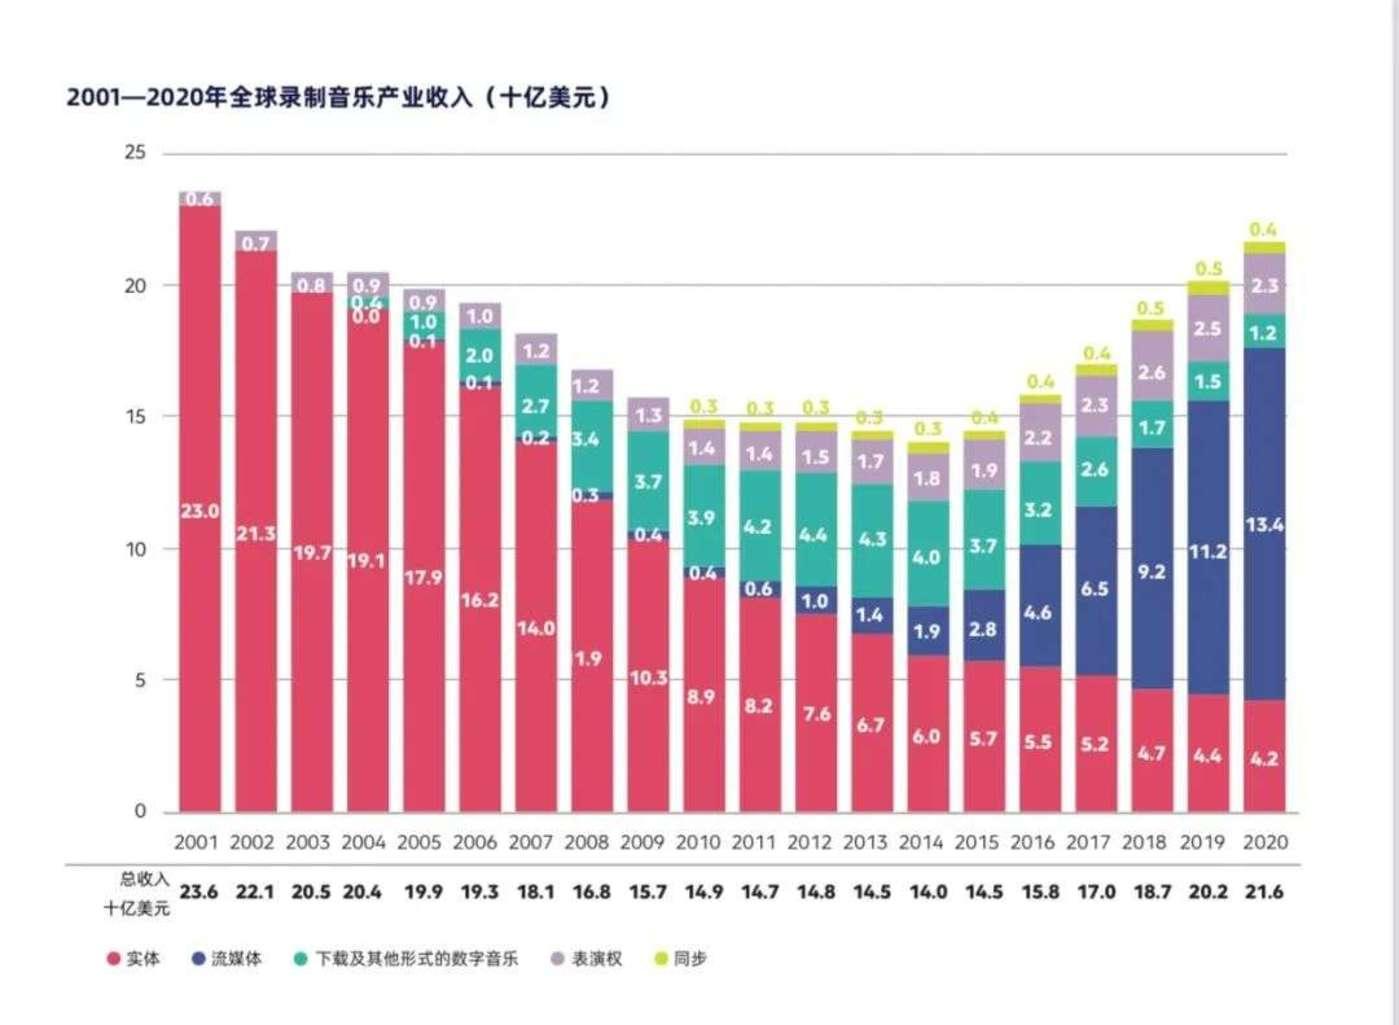 图源:《2021IFPI全球音乐报告》